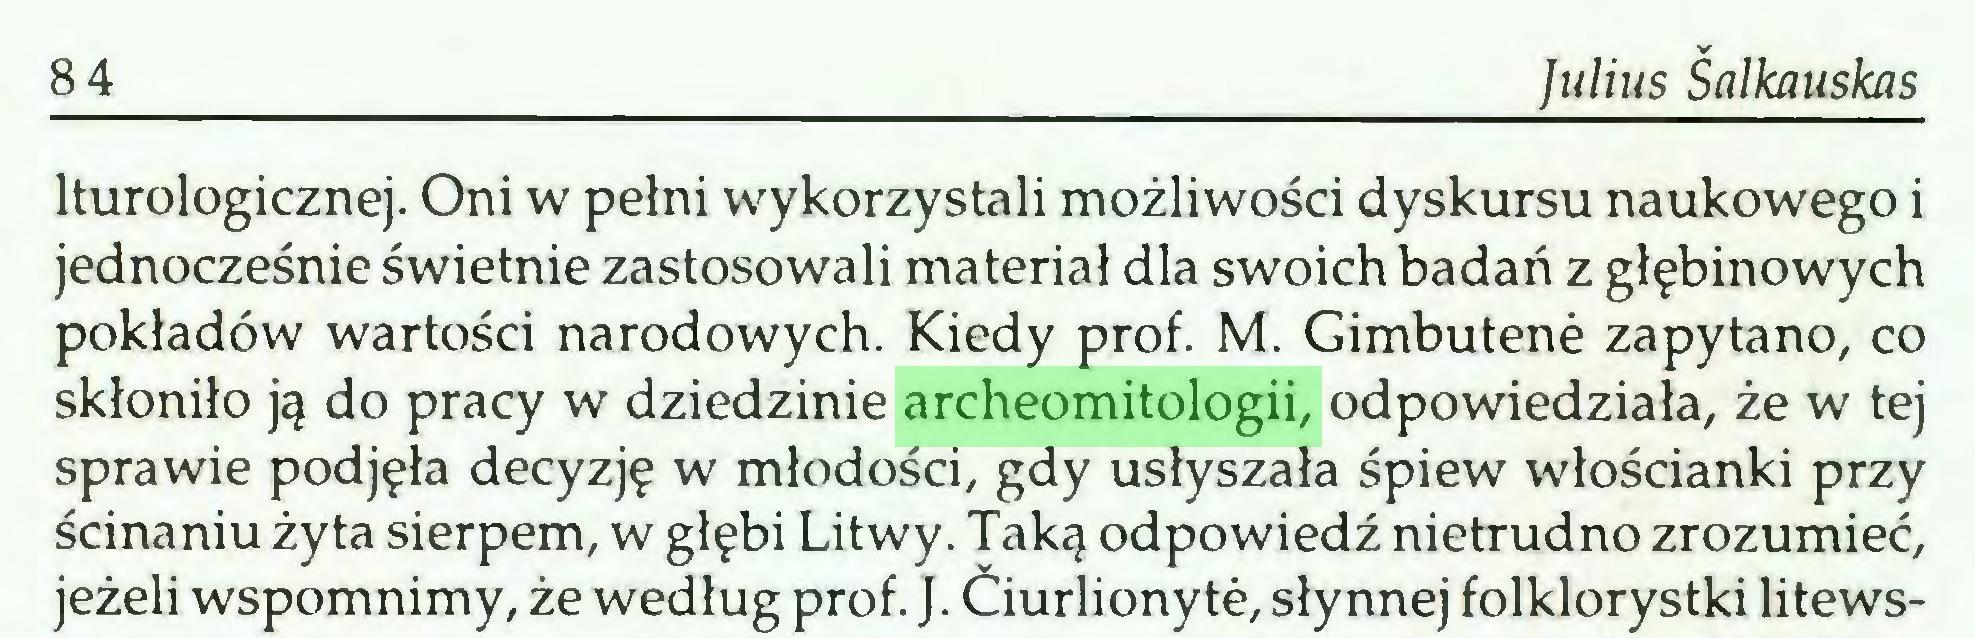 (...) 84 Julius Salkauskas lturologicznej. Oni w pełni wykorzystali możliwości dyskursu naukowego i jednocześnie świetnie zastosowali materiał dla swoich badań z głębinowych pokładów wartości narodowych. Kiedy prof. M. Gimbutene zapytano, co skłoniło ją do pracy w dziedzinie archeomitologii, odpowiedziała, że w tej sprawie podjęła decyzję w młodości, gdy usłyszała śpiew włościanki przy ścinaniu żyta sierpem, w głębi Litwy. Taką odpowiedź nietrudno zrozumieć, jeżeli wspomnimy, że według prof. J. Ćiurlionyte, słynnej folklorystki litews...